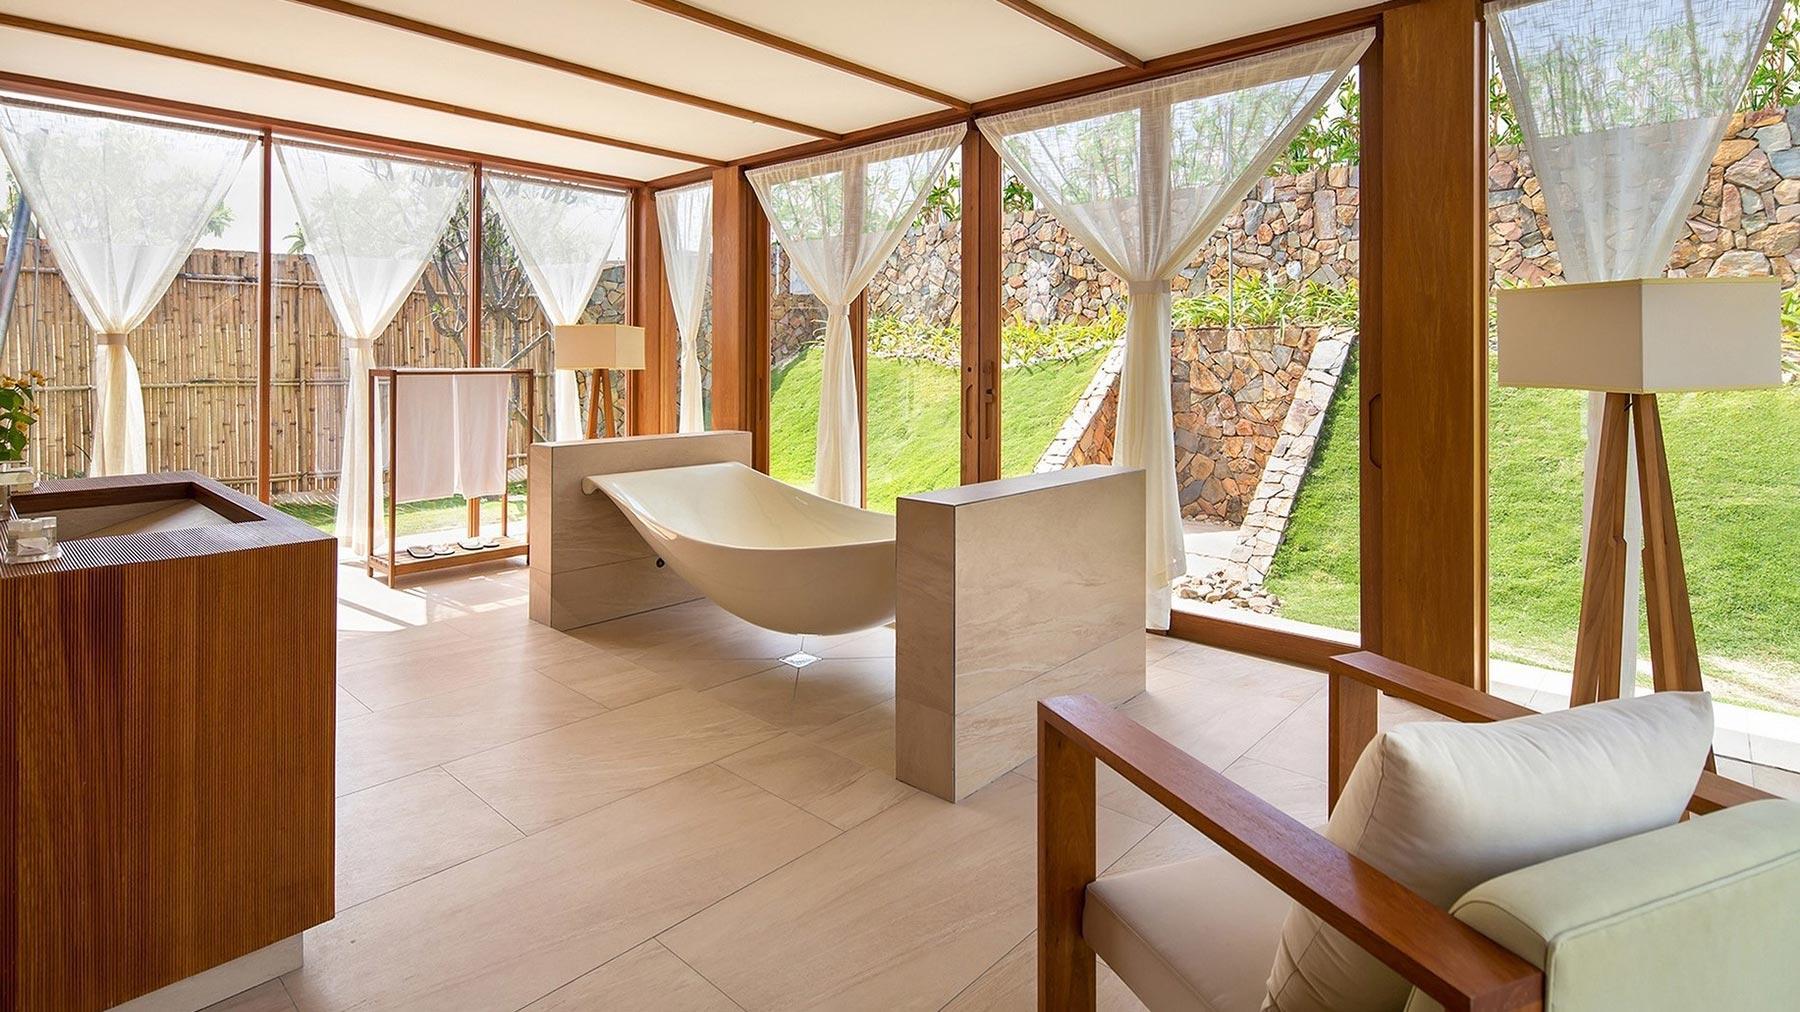 fusion-resort-nha-trang-bath